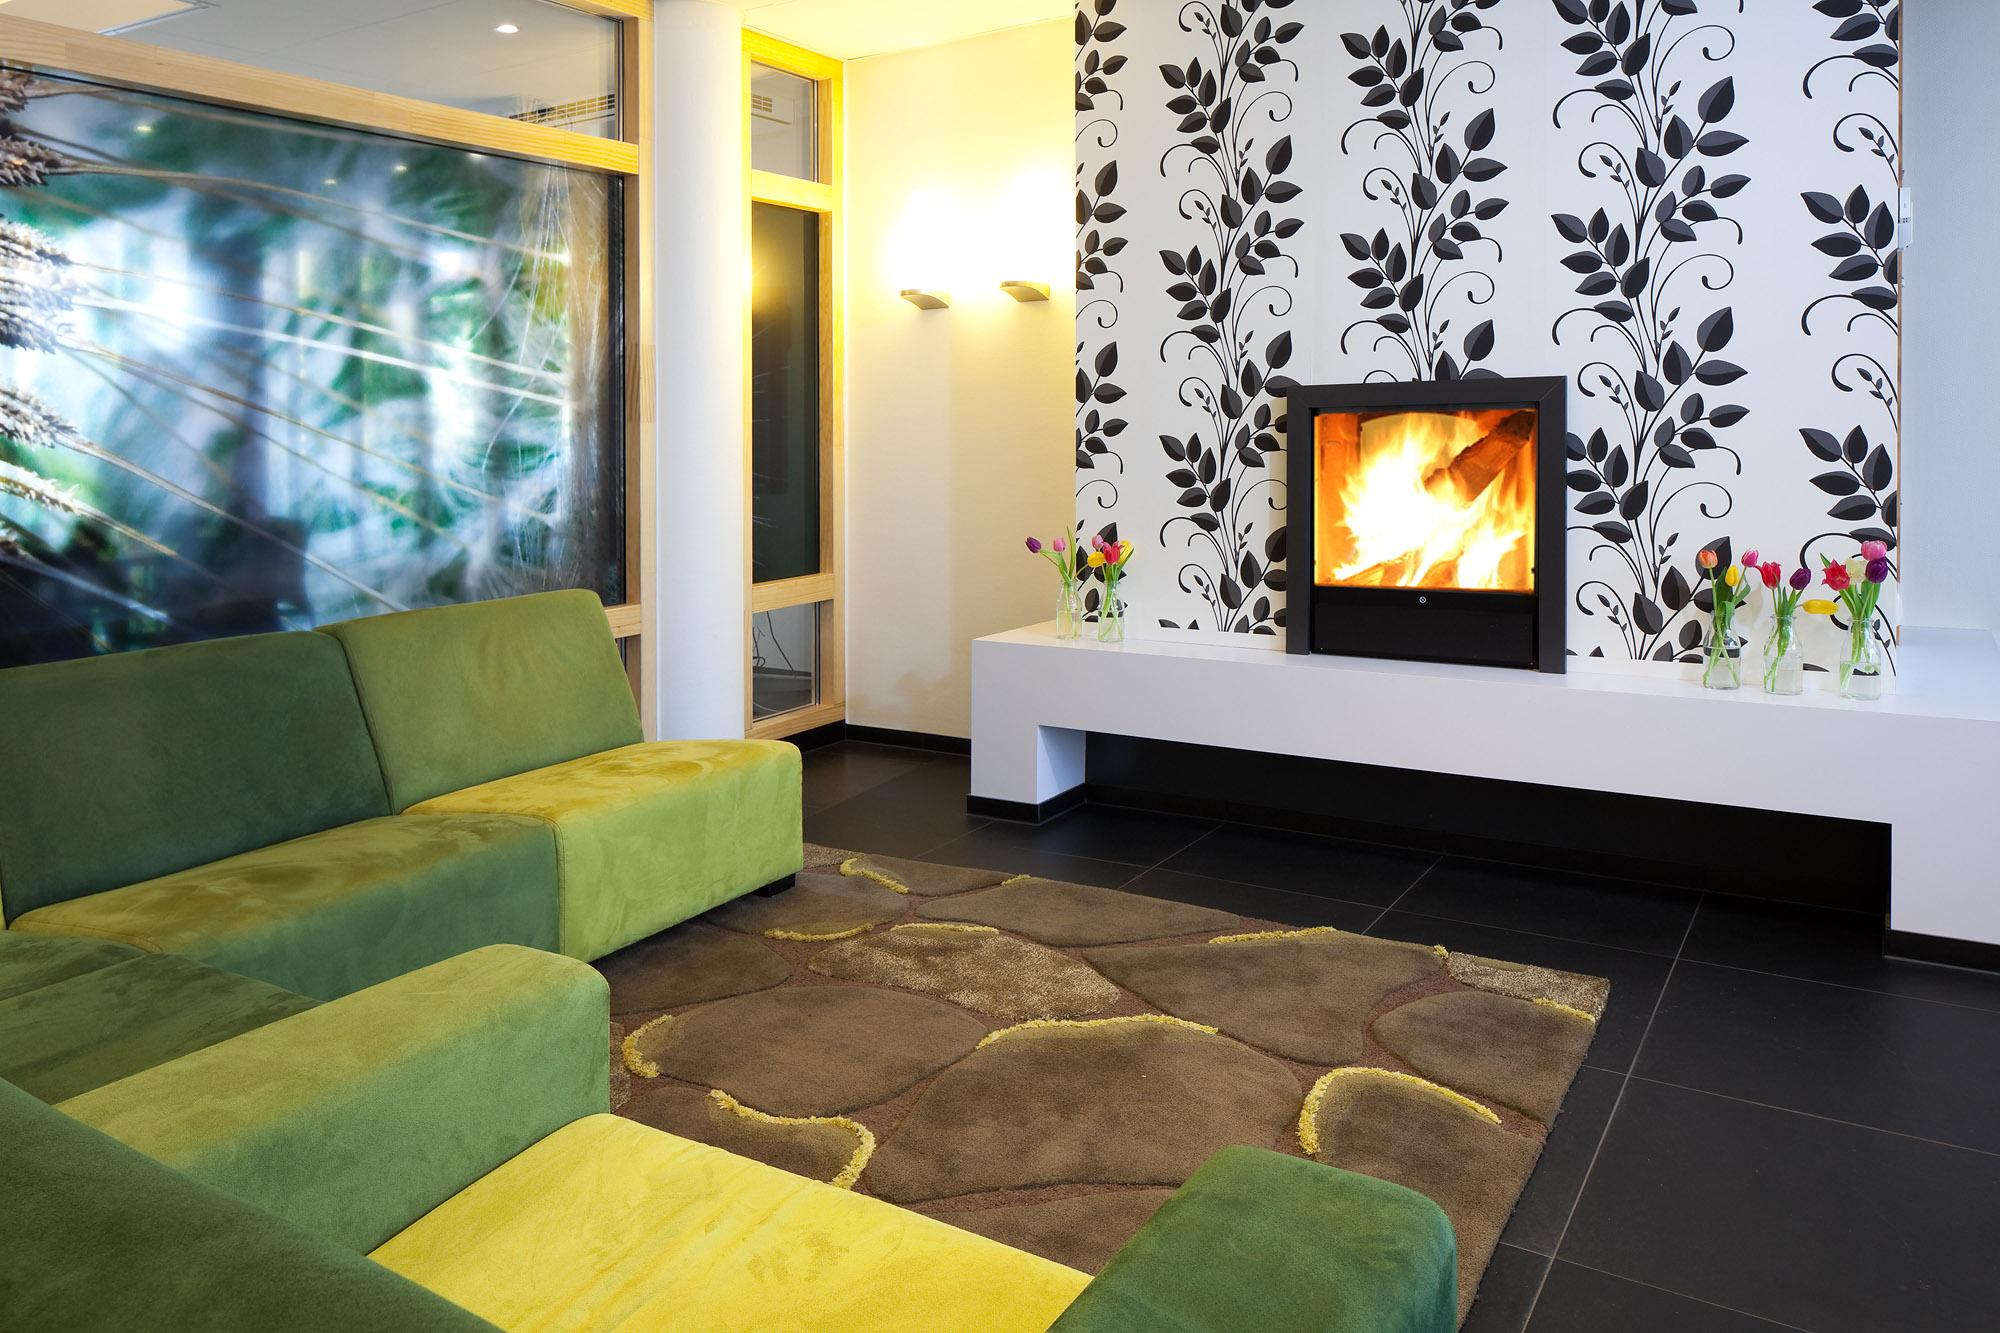 Dit hotel in Groningen heeft een geheel nieuw interieur gekregen.